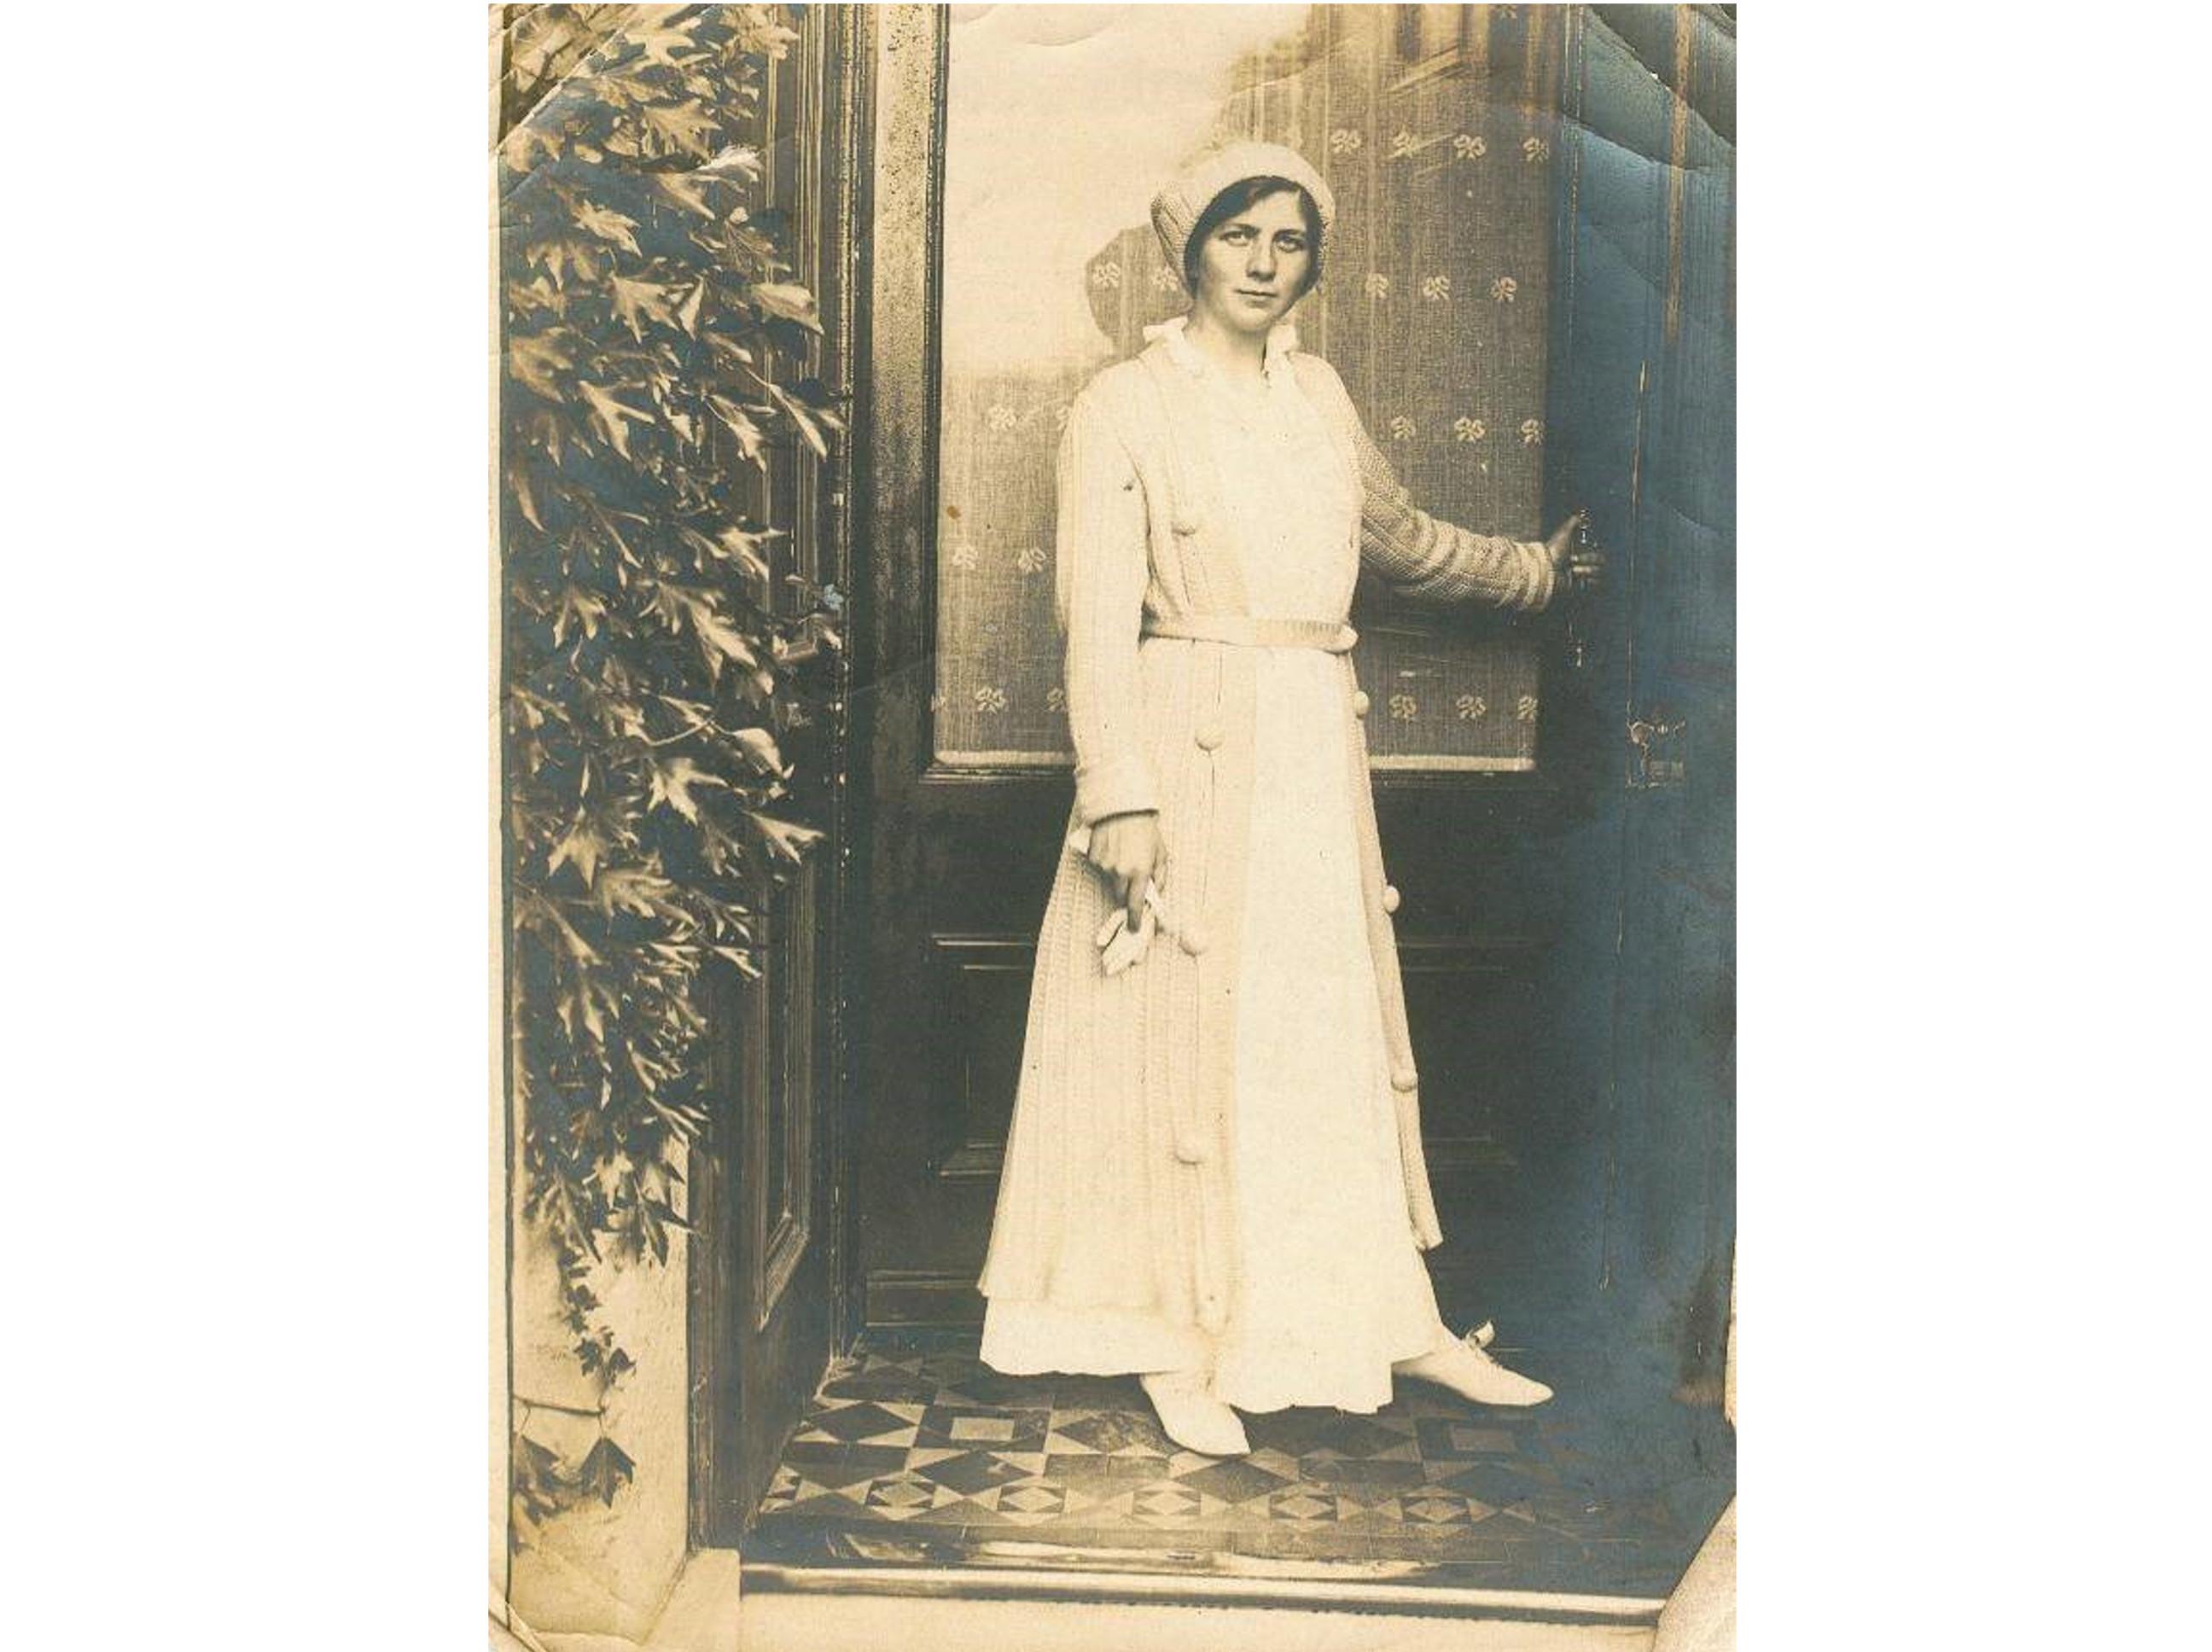 Sr Joyce Mary